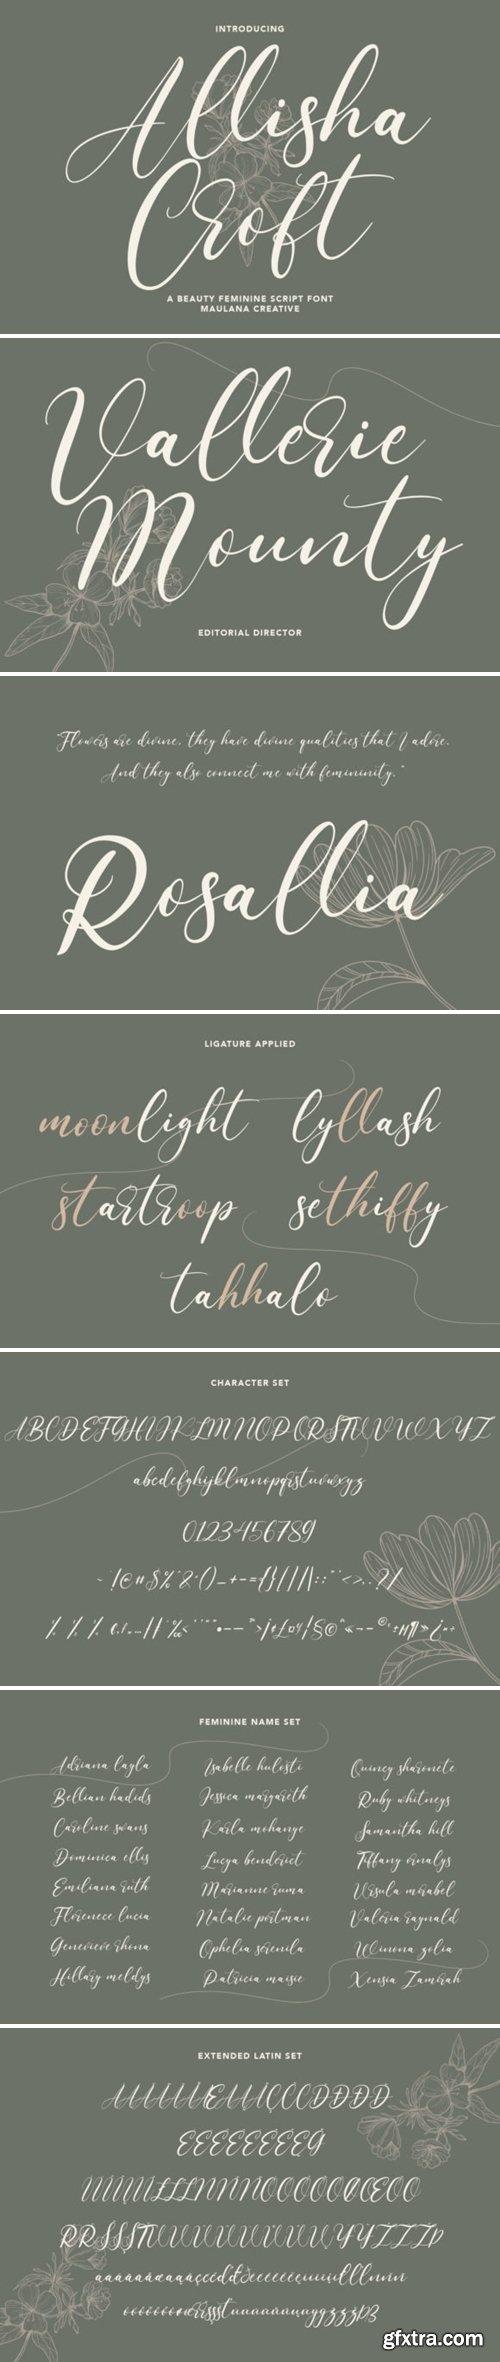 Allisha Croft Font